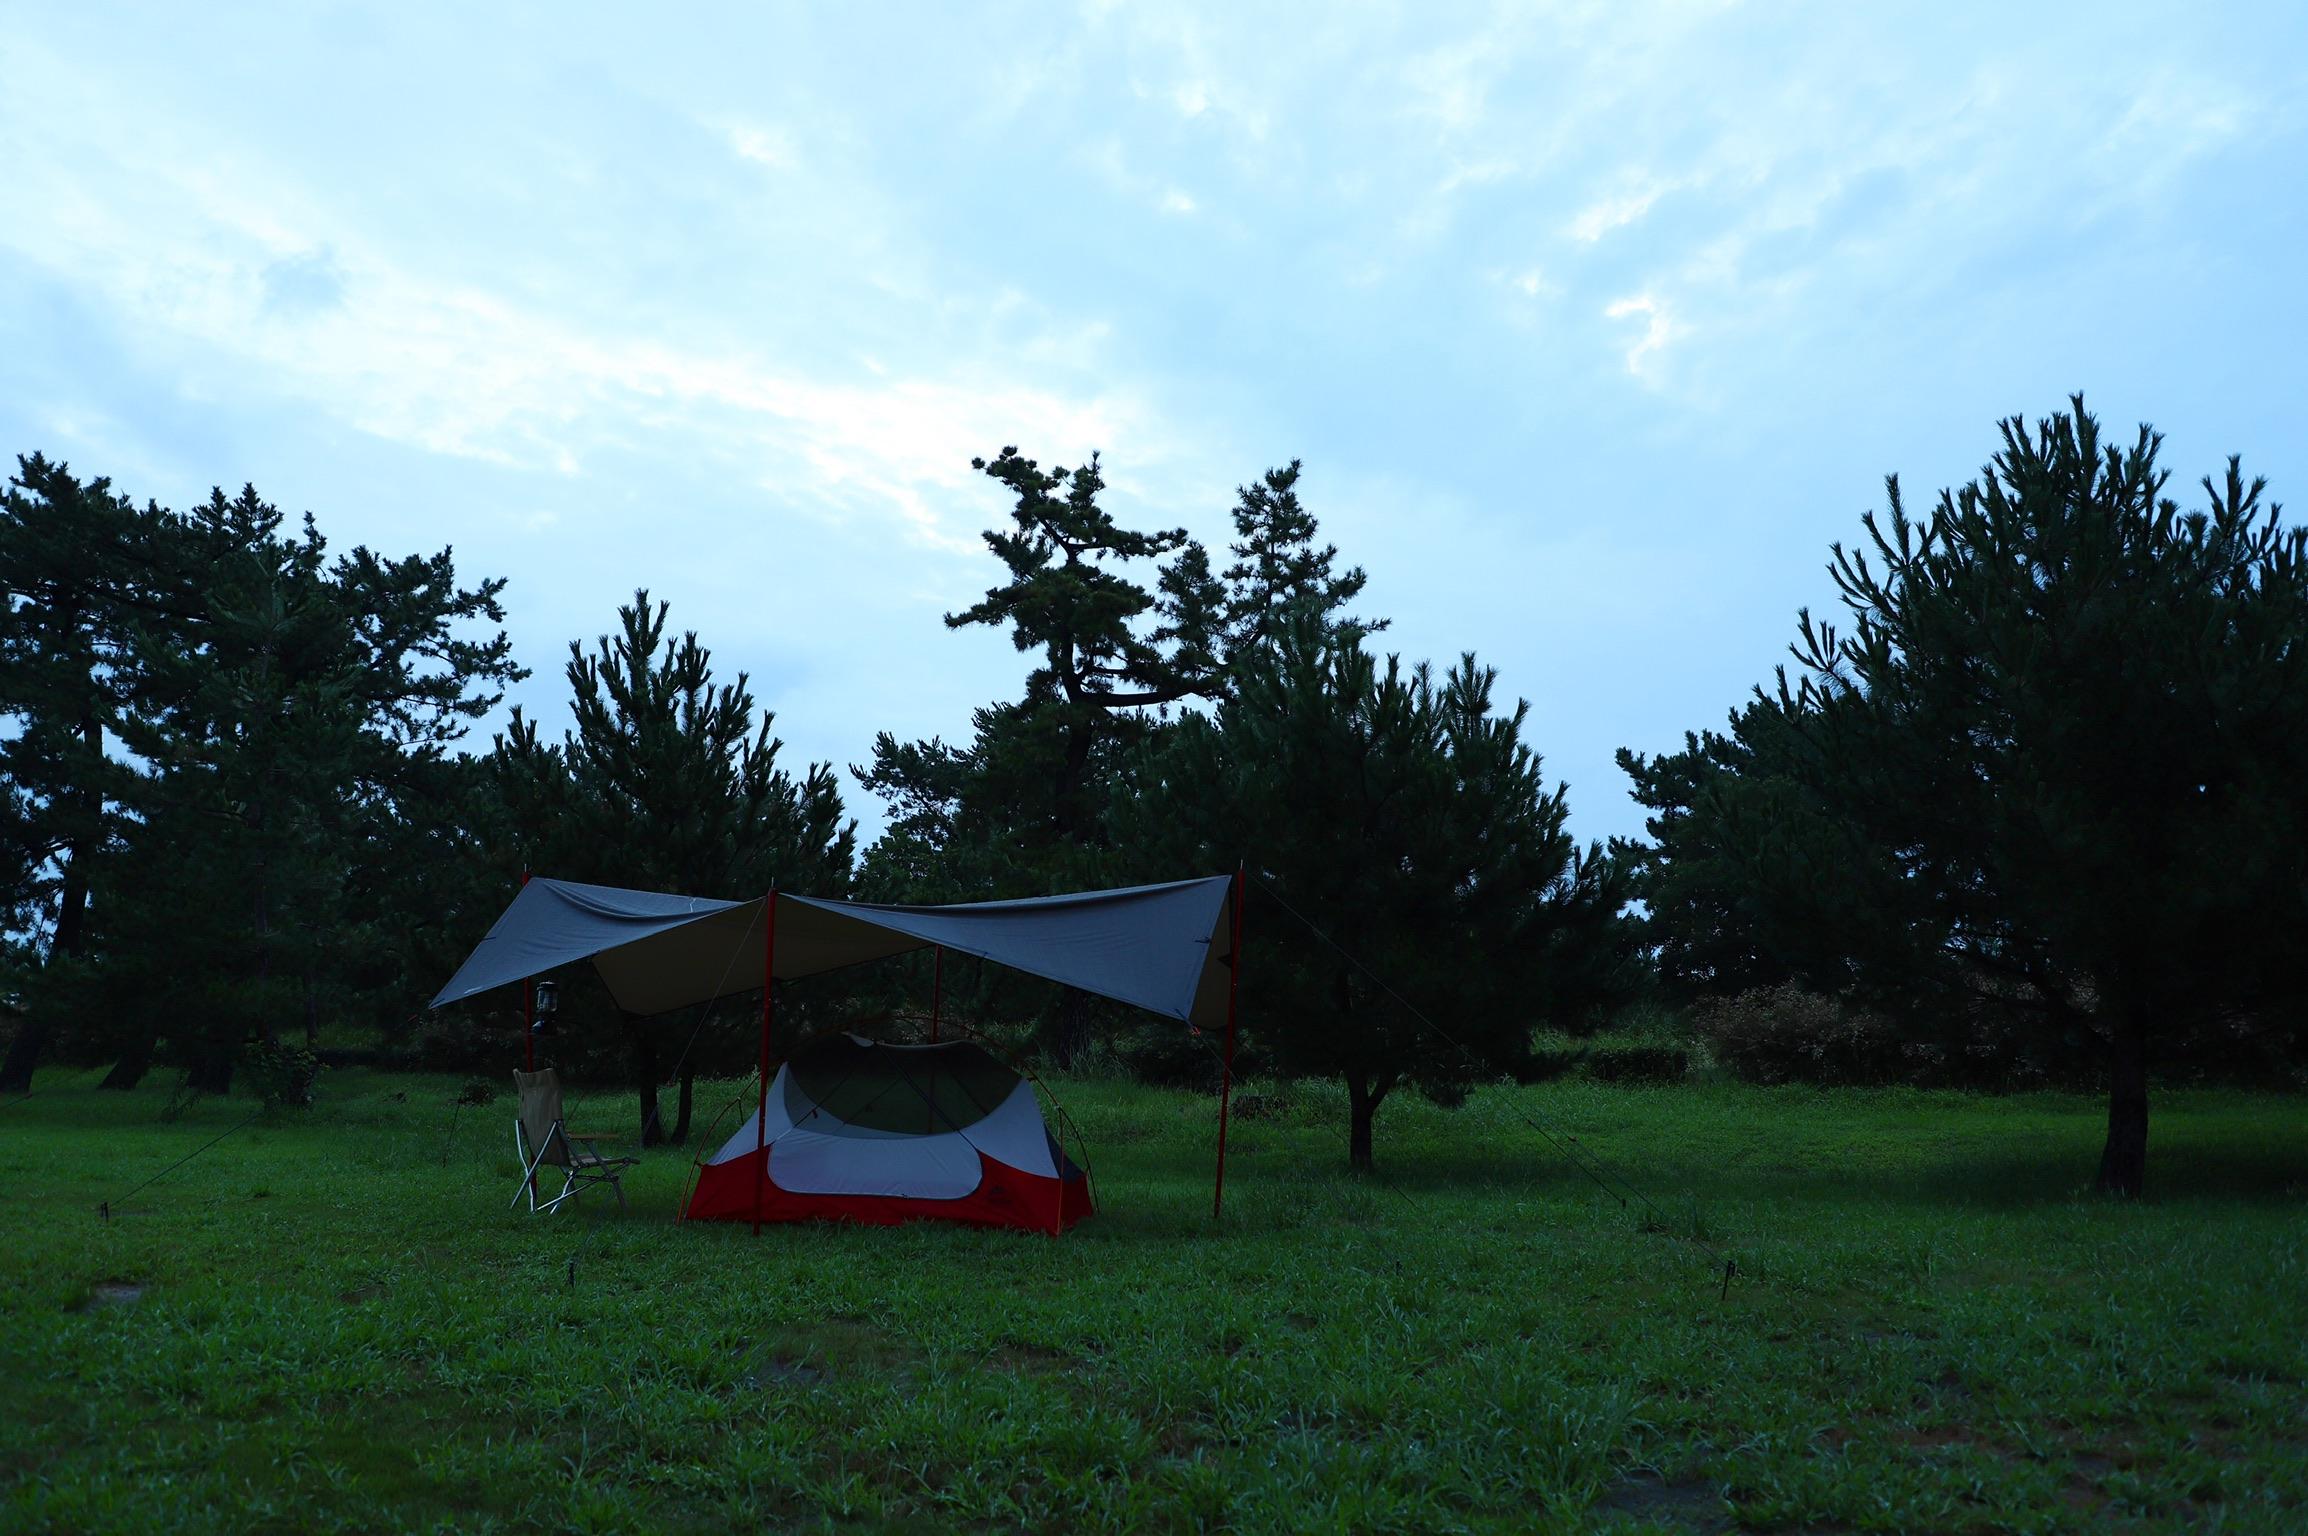 たまには無料でお得に♪ 浜風公園キャンプ場